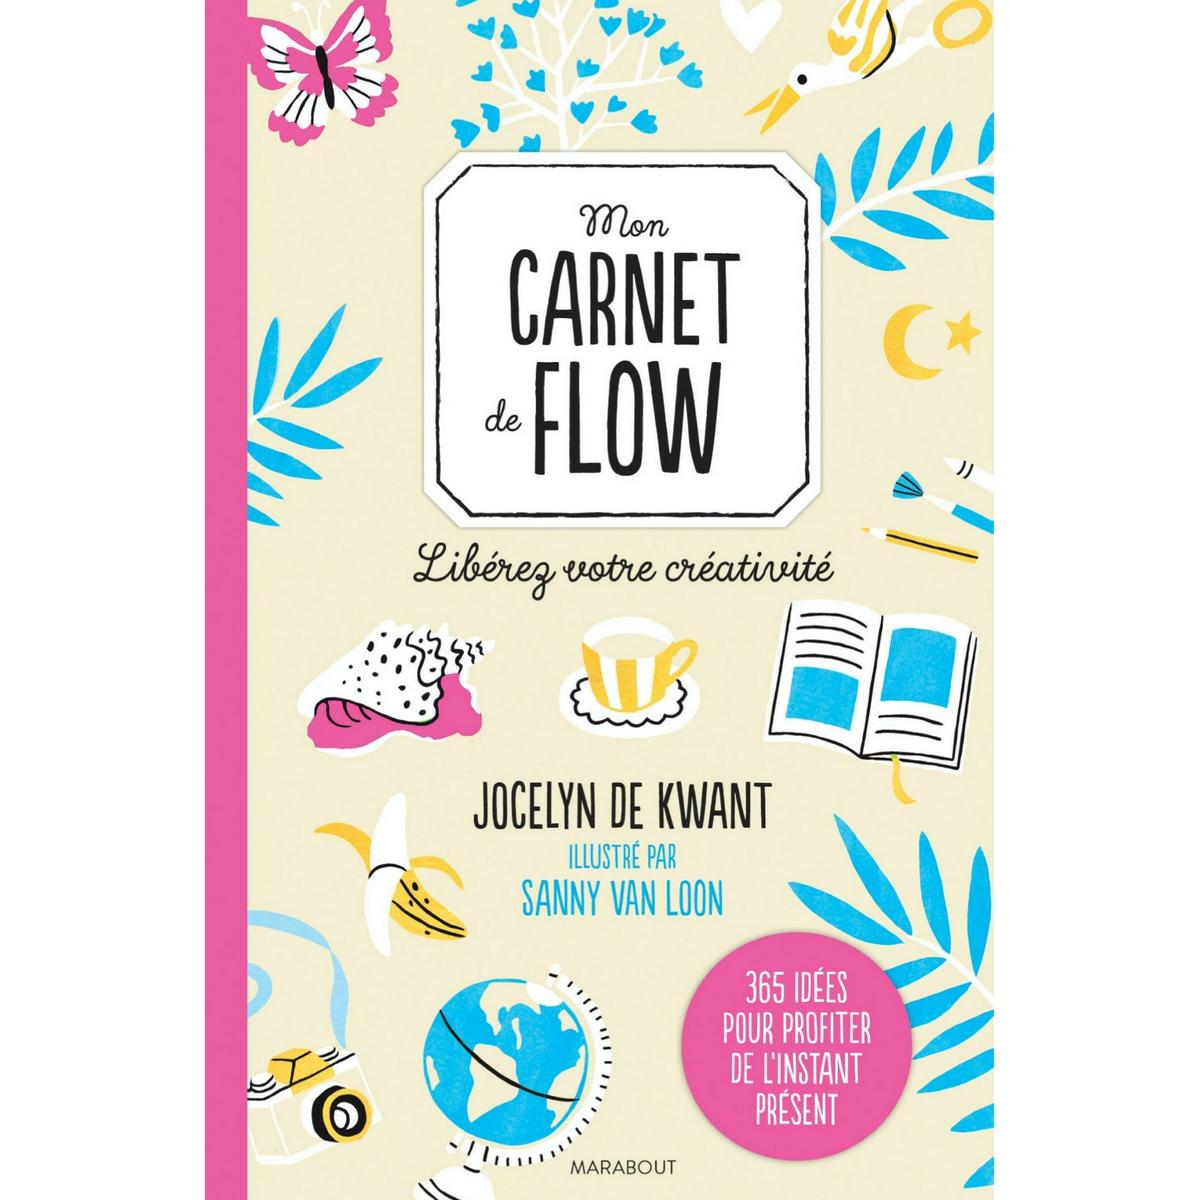 Mon carnet de flow / 365 idées pour profiter de l'instant présent